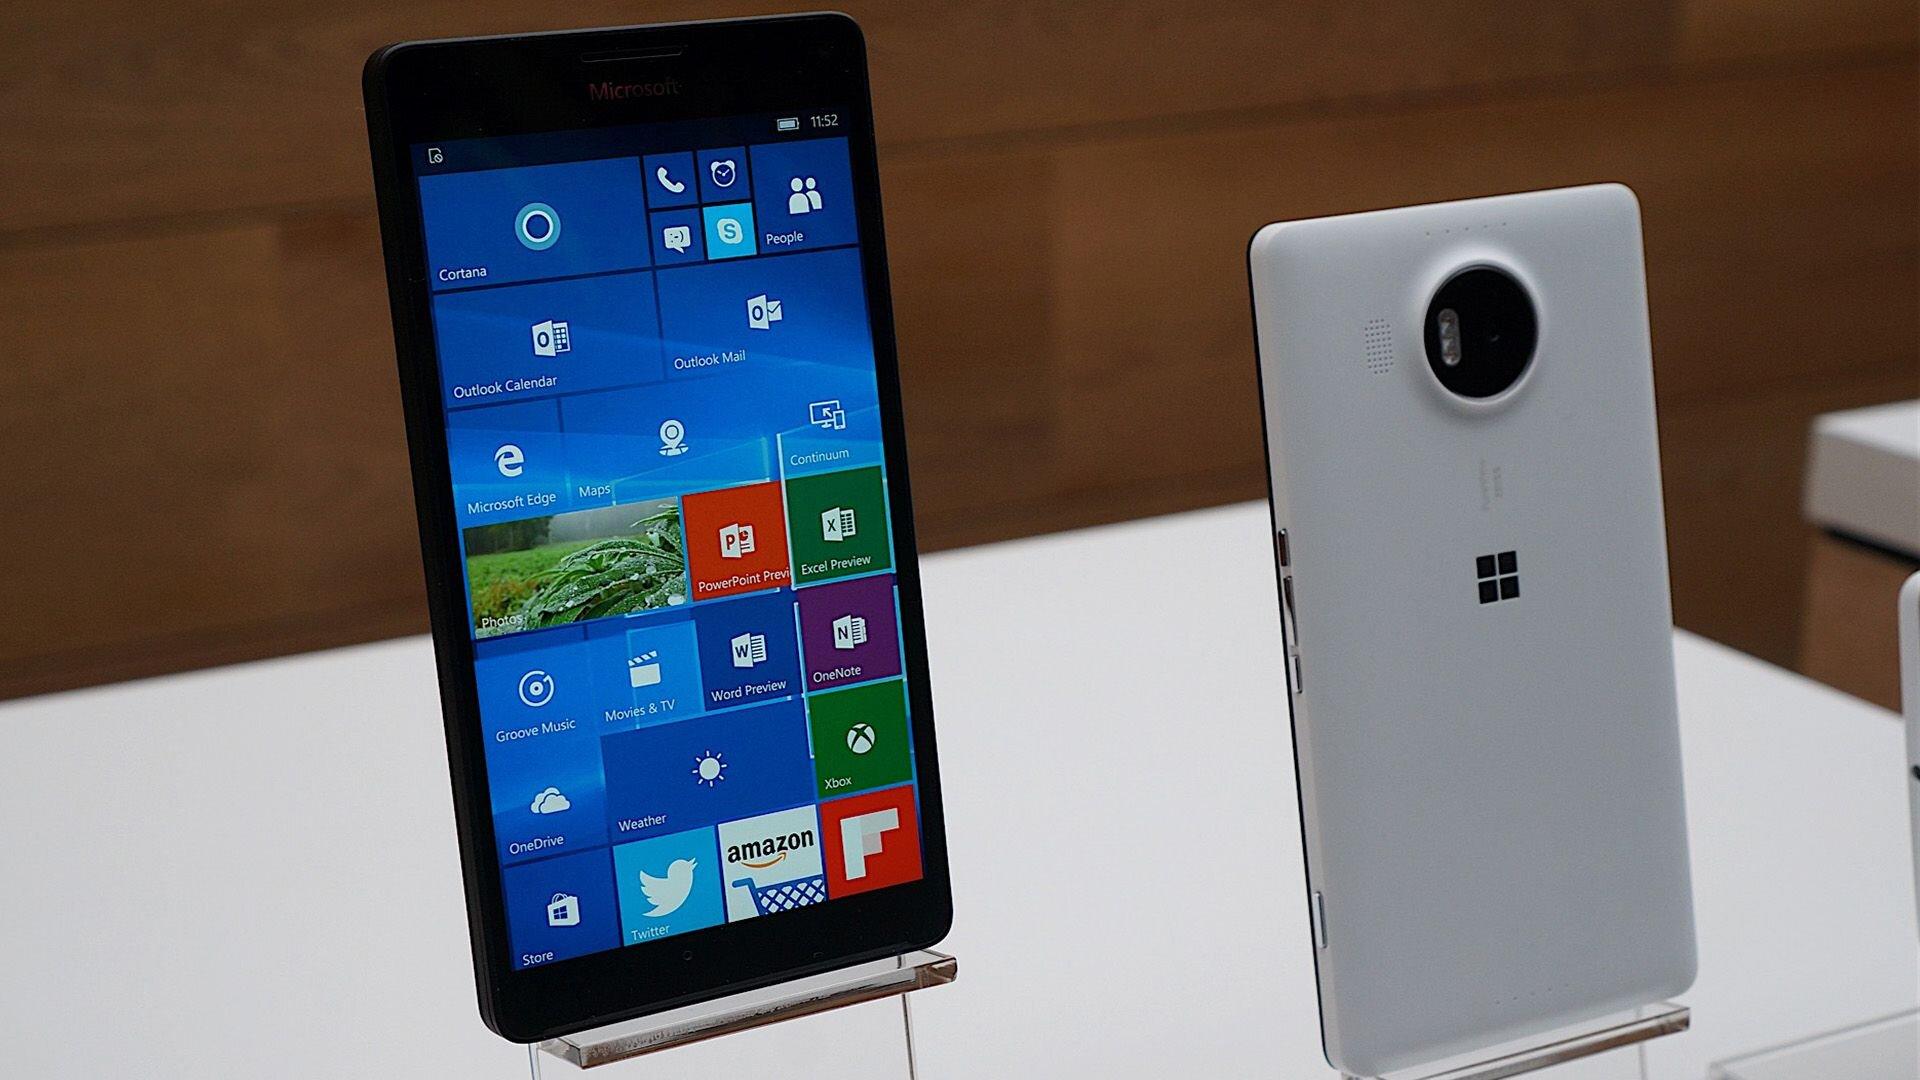 Đánh giá Microsoft Lumia 950 XL: Phablet hoàn hảo chạy Windows Phone